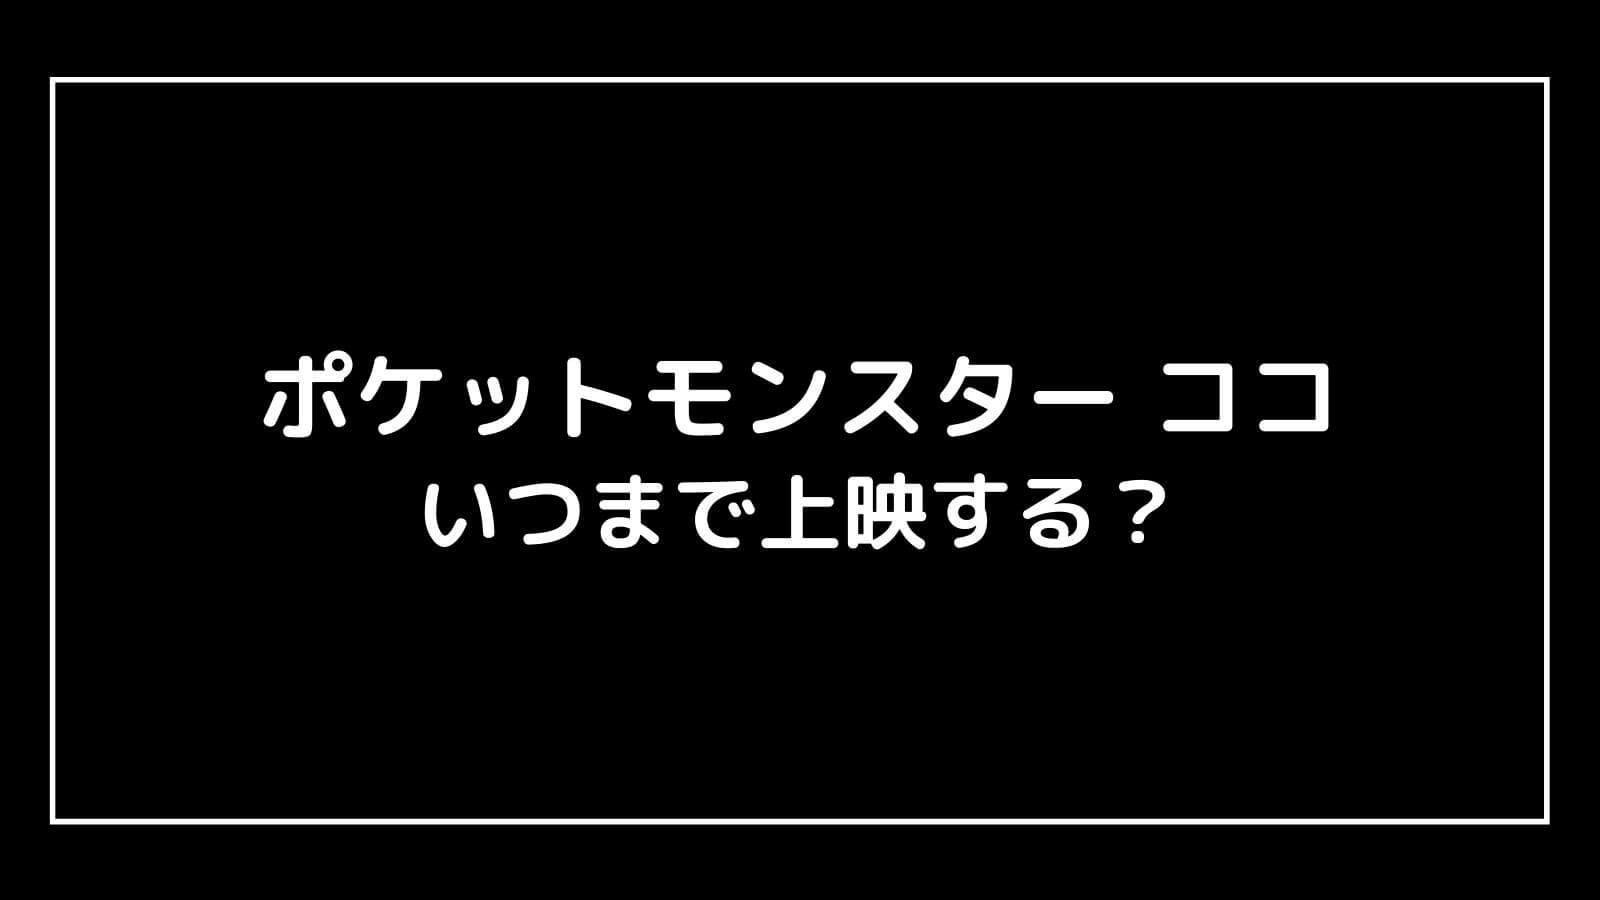 映画『ポケモン ココ』はいつまで上映する?元映画館社員が上映期間を徹底予想